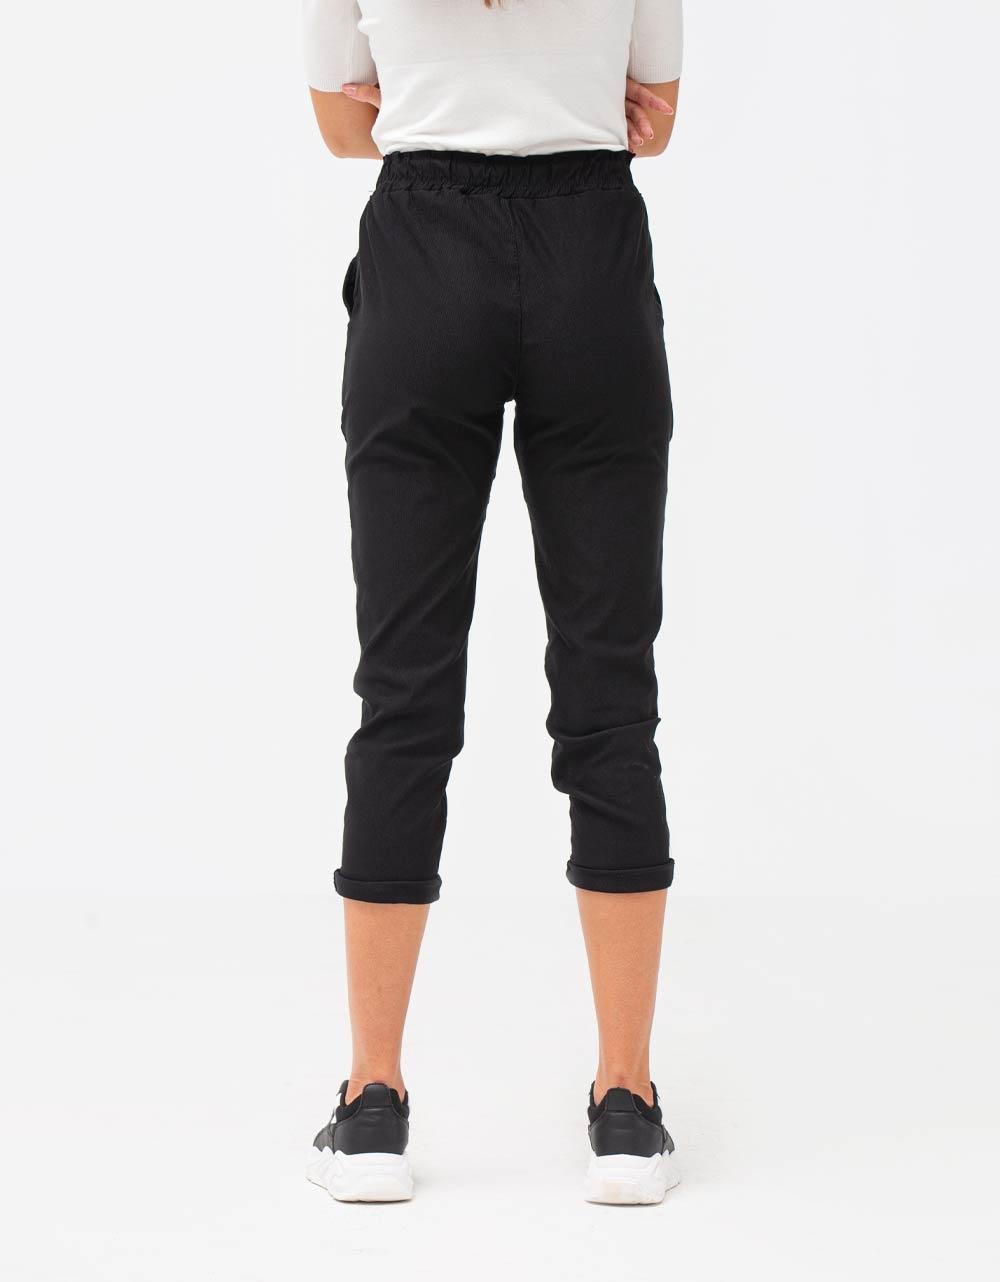 Εικόνα από Γυναικείο παντελόνι με λάστιχο και κορδόνι στη μέση Μαύρο